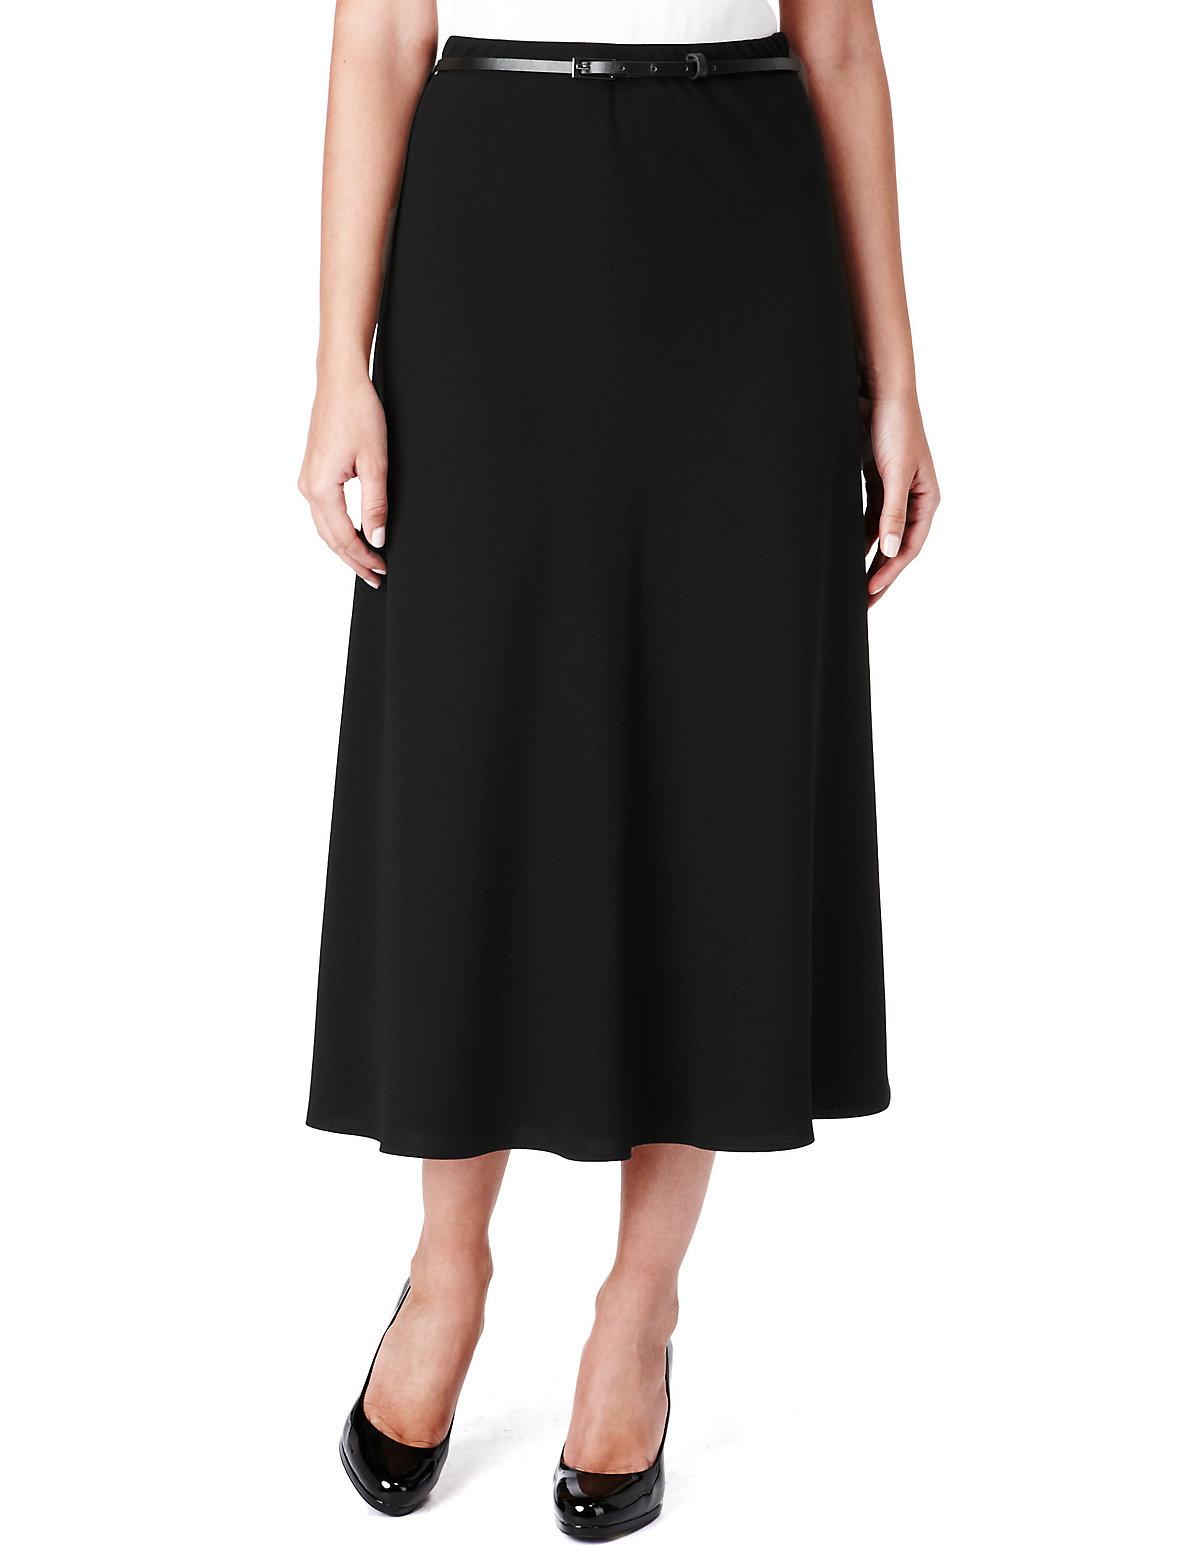 M  S Collection A-Line Crêpe Long Skirt with Belt $25.00 AT vintagedancer.com